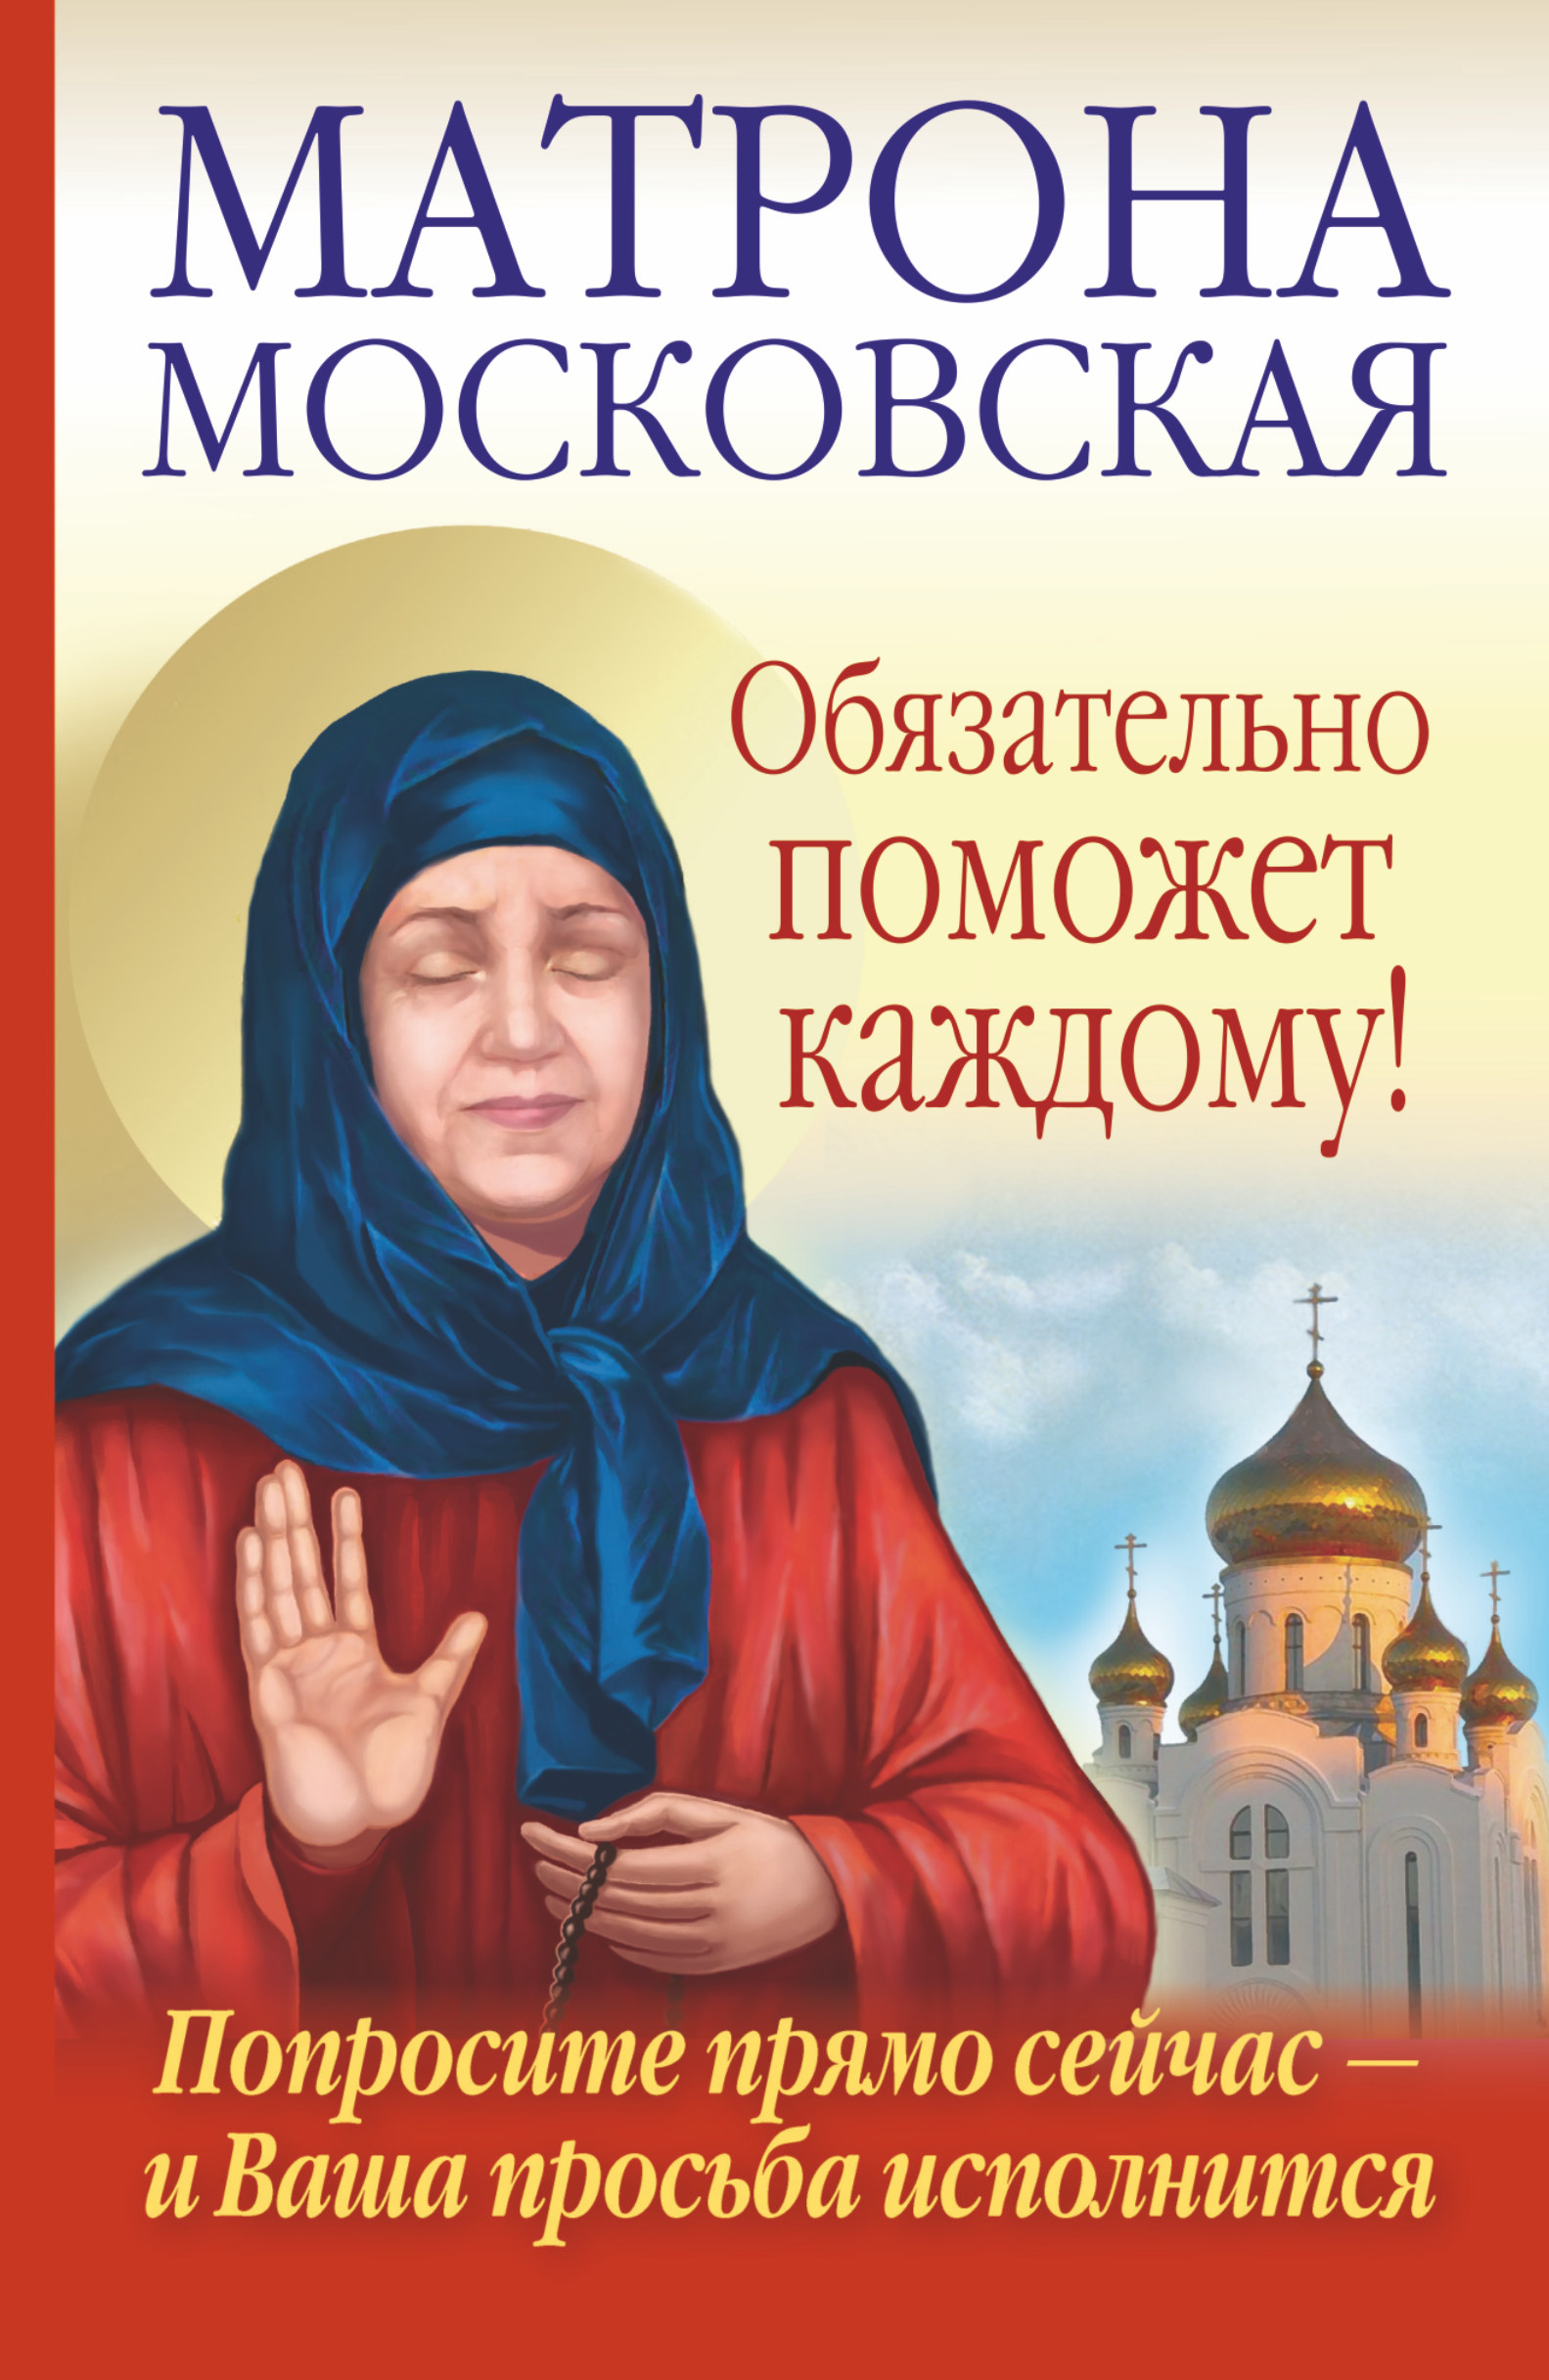 Матрона Московская обязательно поможет каждому!